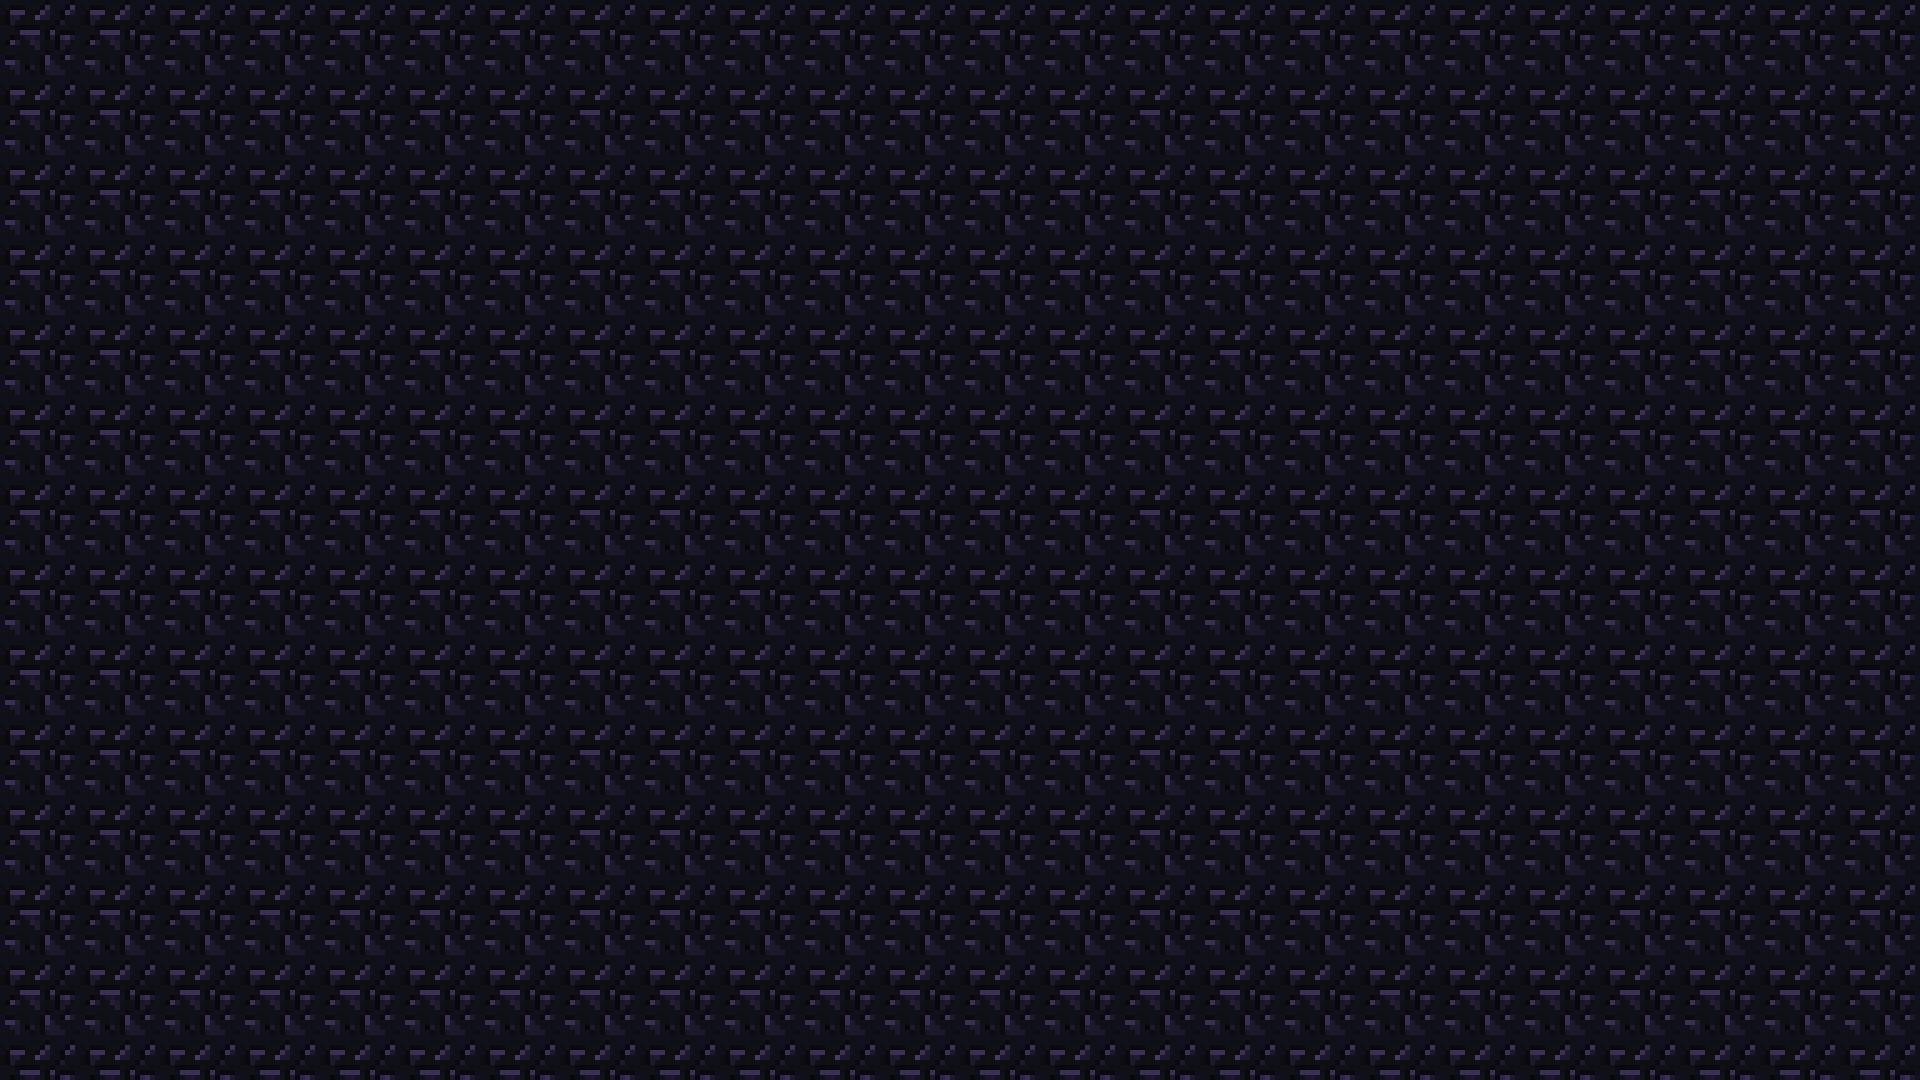 download Minecraft Obsidan Block Wallpaper [1920x1080] for 1920x1080